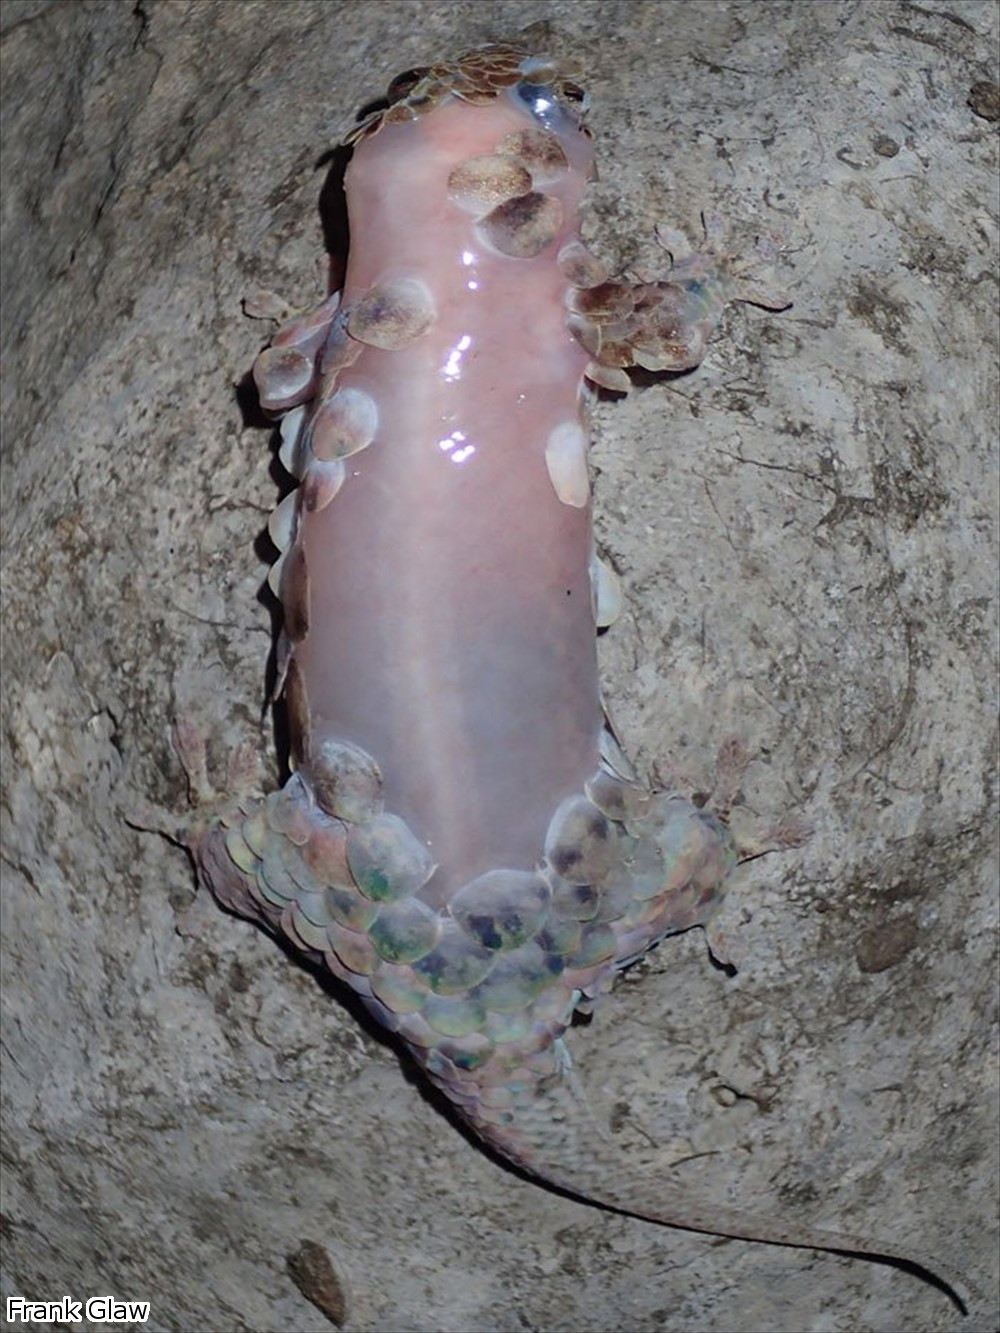 危険を感じたらウロコを脱ぎ捨てる! 新種のヤモリ「ゲコレピス・メガレピス」